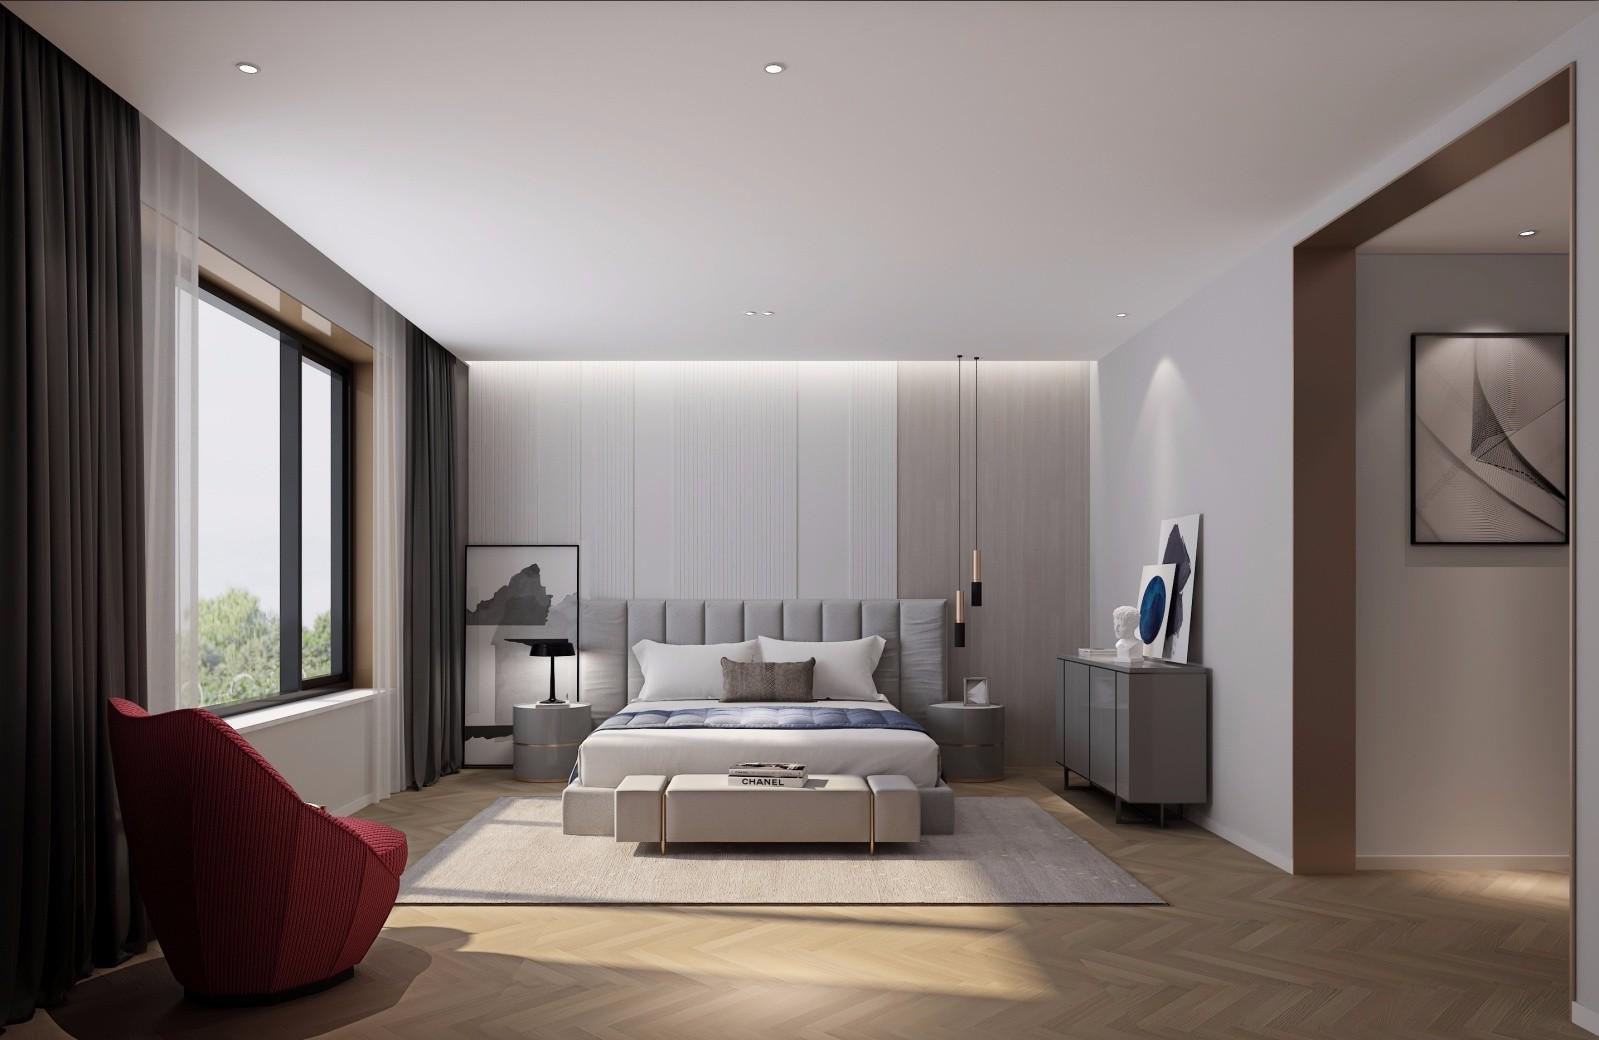 2021简约卧室装修设计图片 2021简约细节装修图